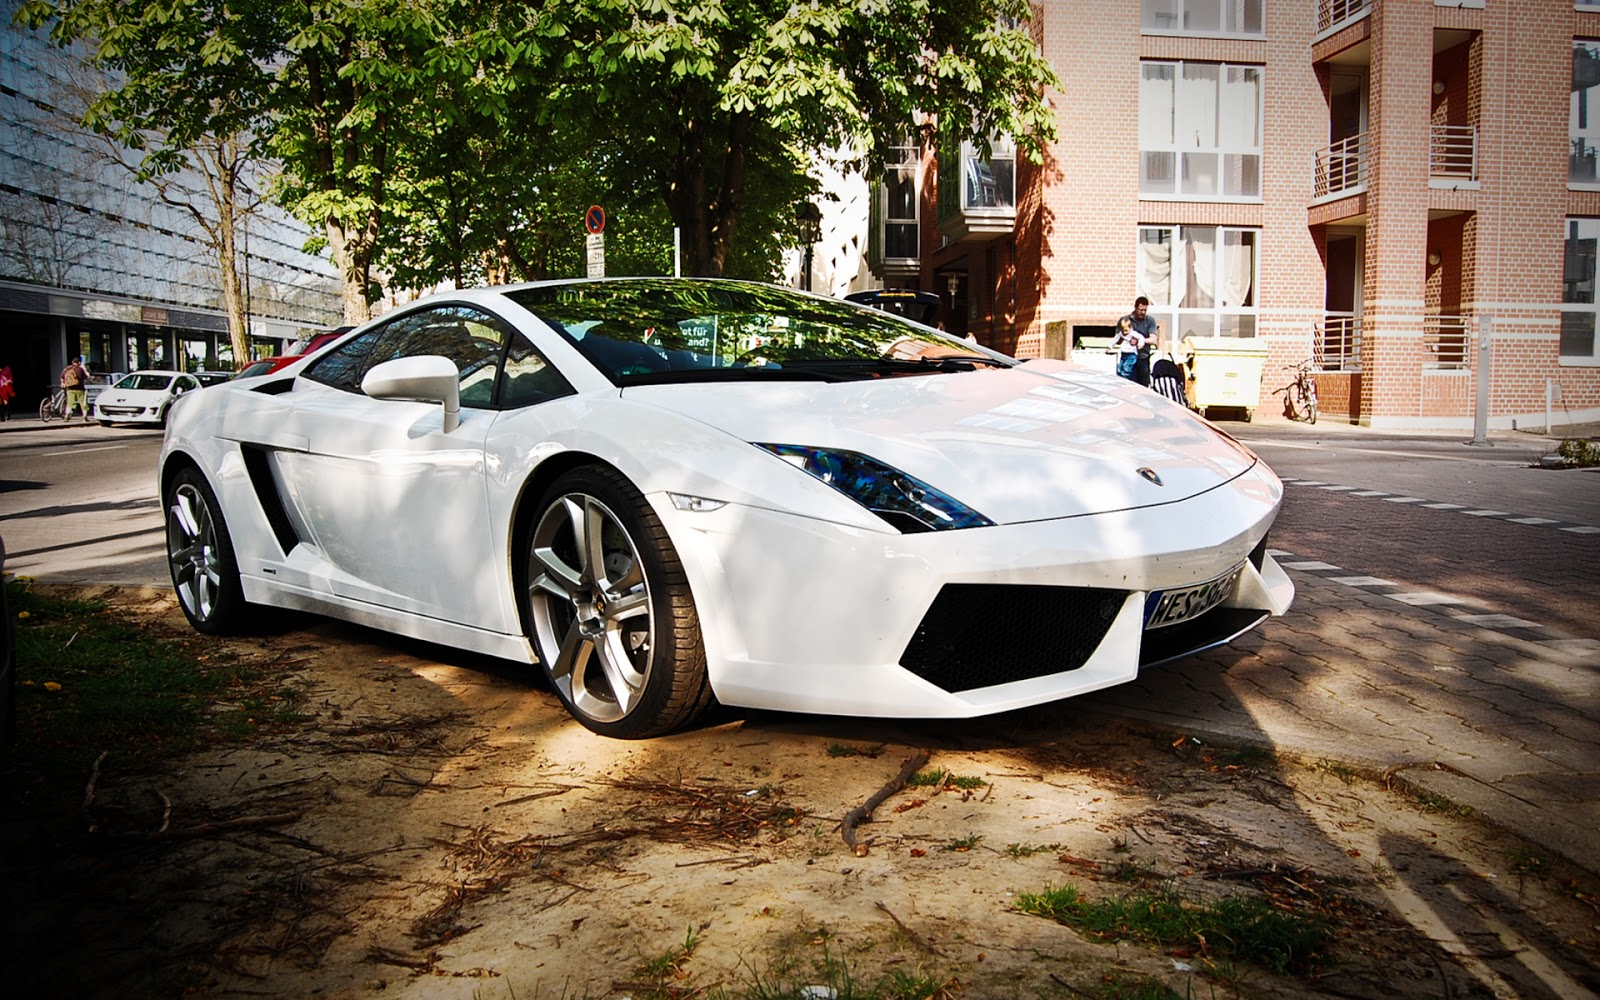 صور اريد صور سيارات , اجمل و افخم سيارات في العالم